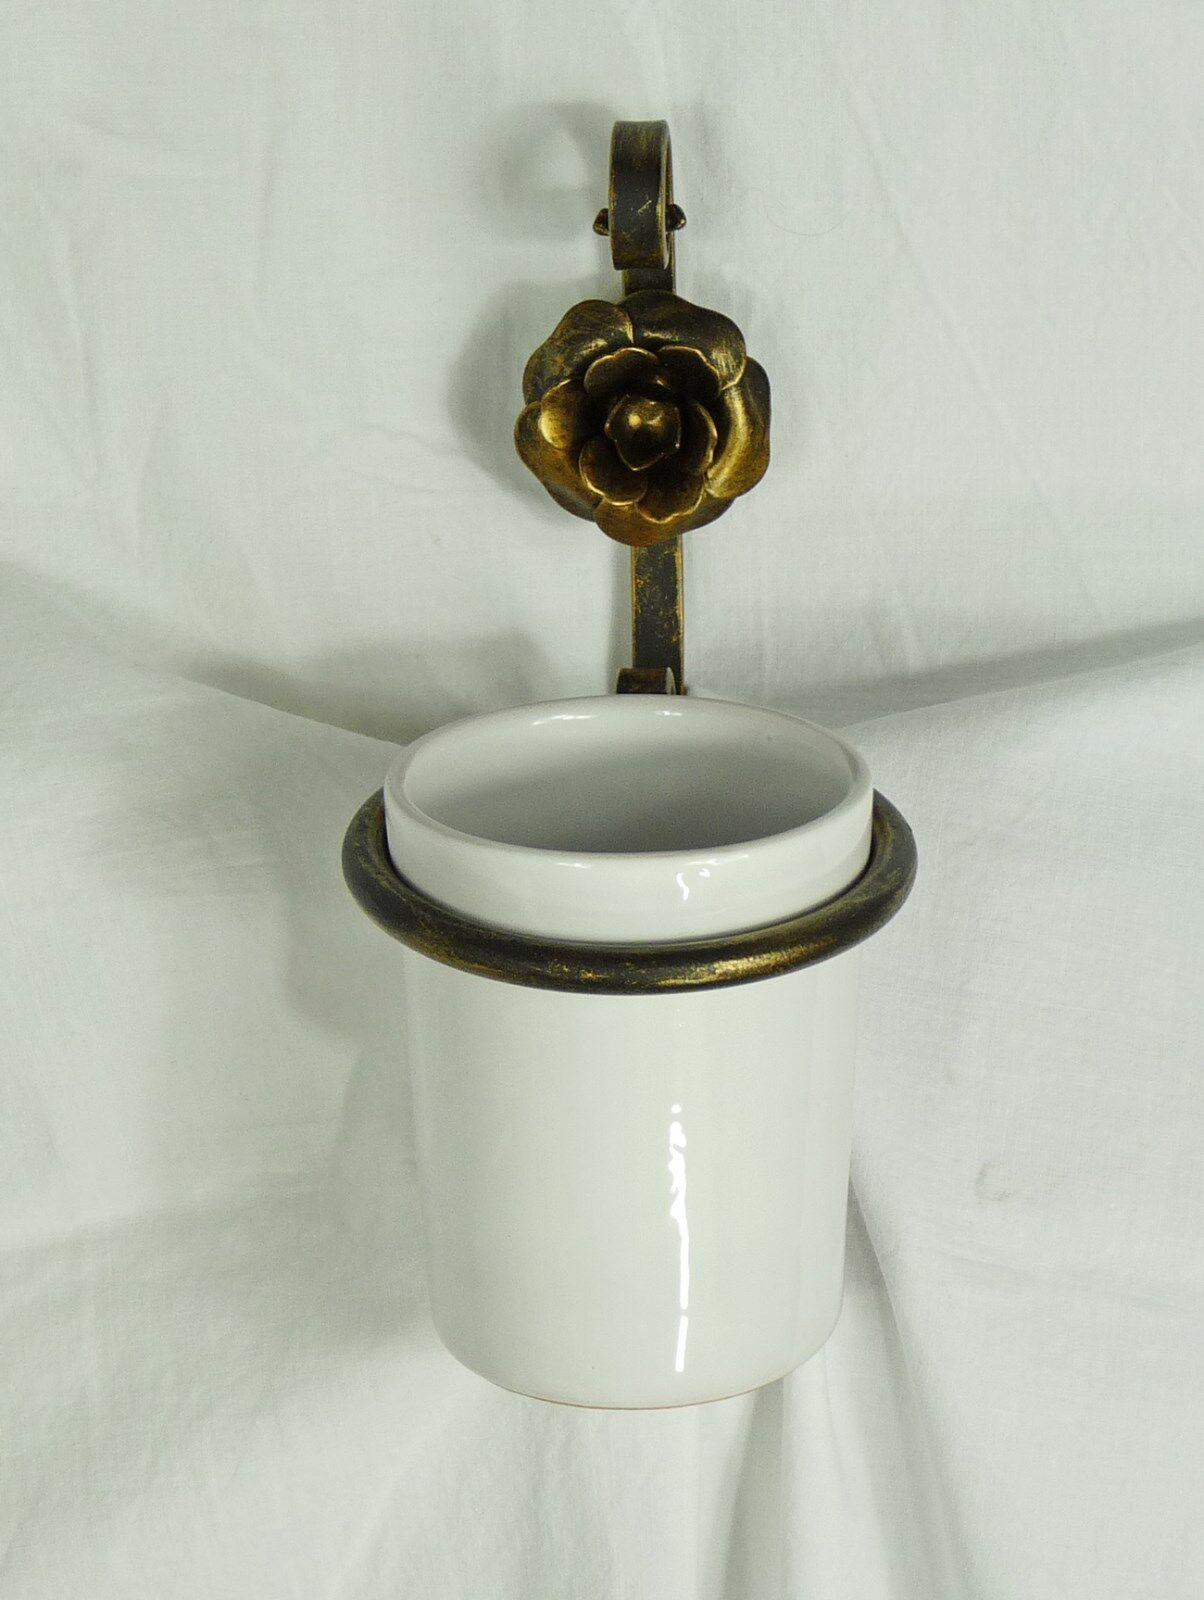 Accessori Bagno In Ferro Battuto E Ceramica.Porta Dentifricio Dentifricio Dentifricio Accessori Bagno Ceramica